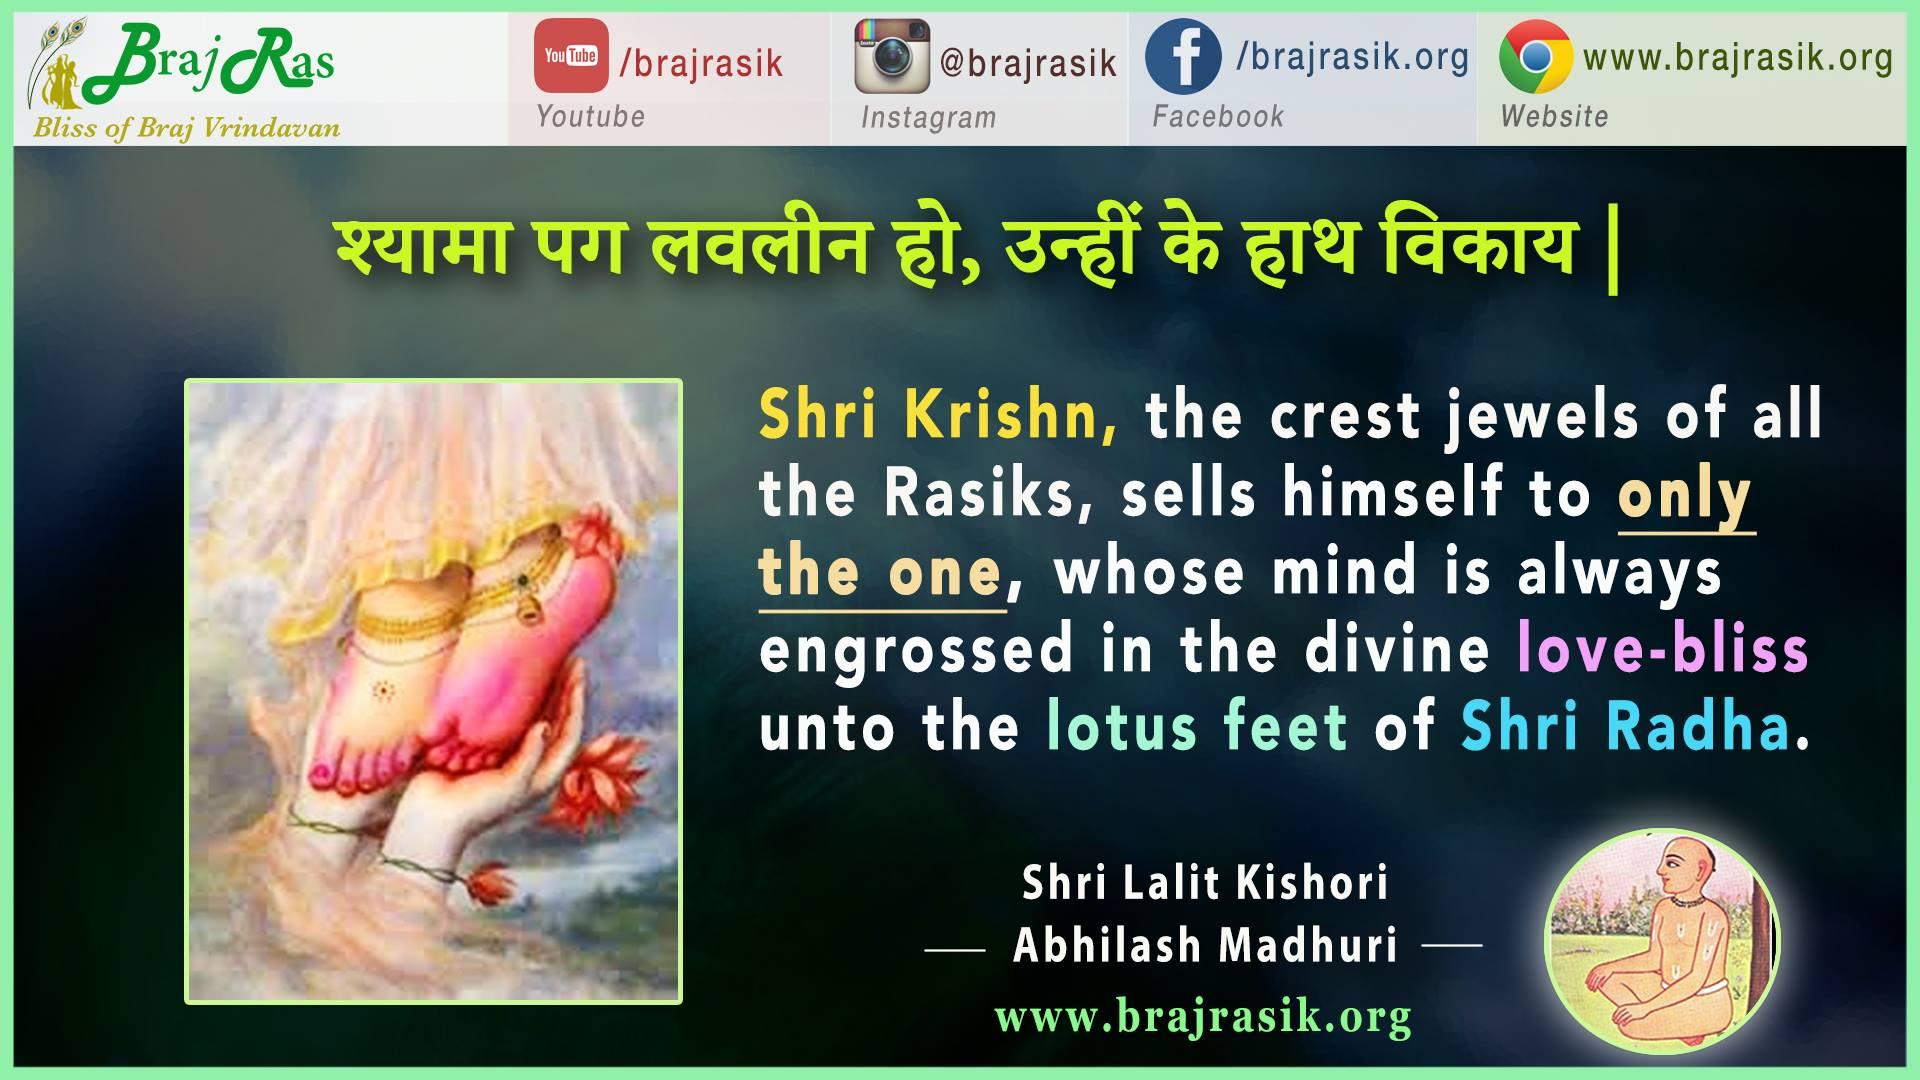 Shyama Pag Lavleen Ho, Unhi Ke Hath Vikaay - Shri Lalit Kishori, Abhilash Madhuri